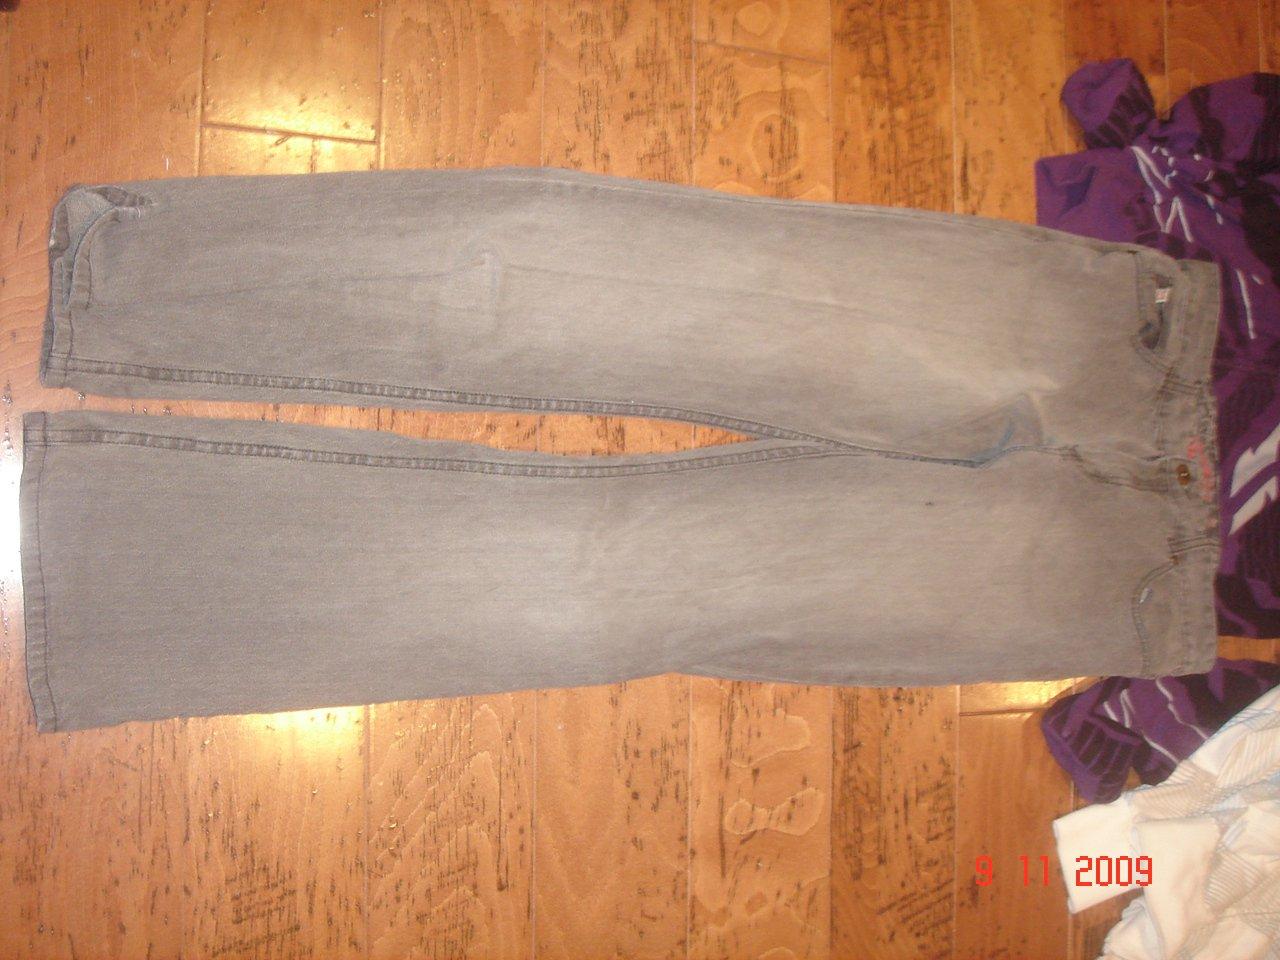 Split pants